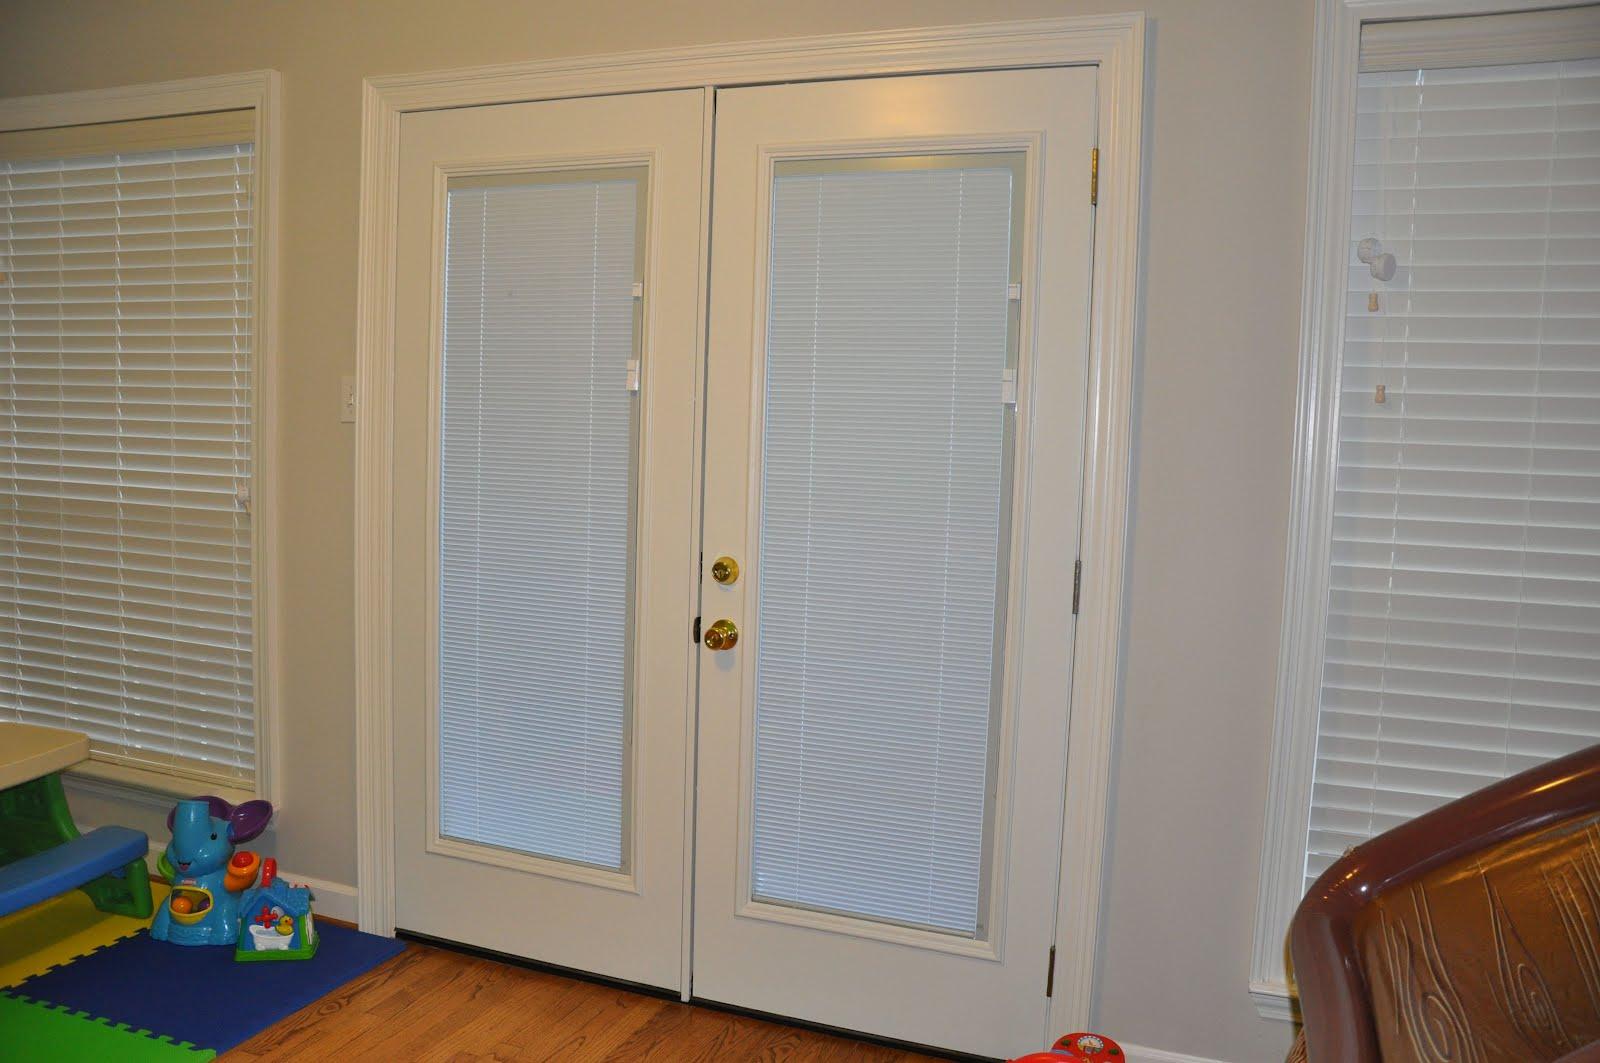 Patio Doors Patio Doors With Blinds Inside